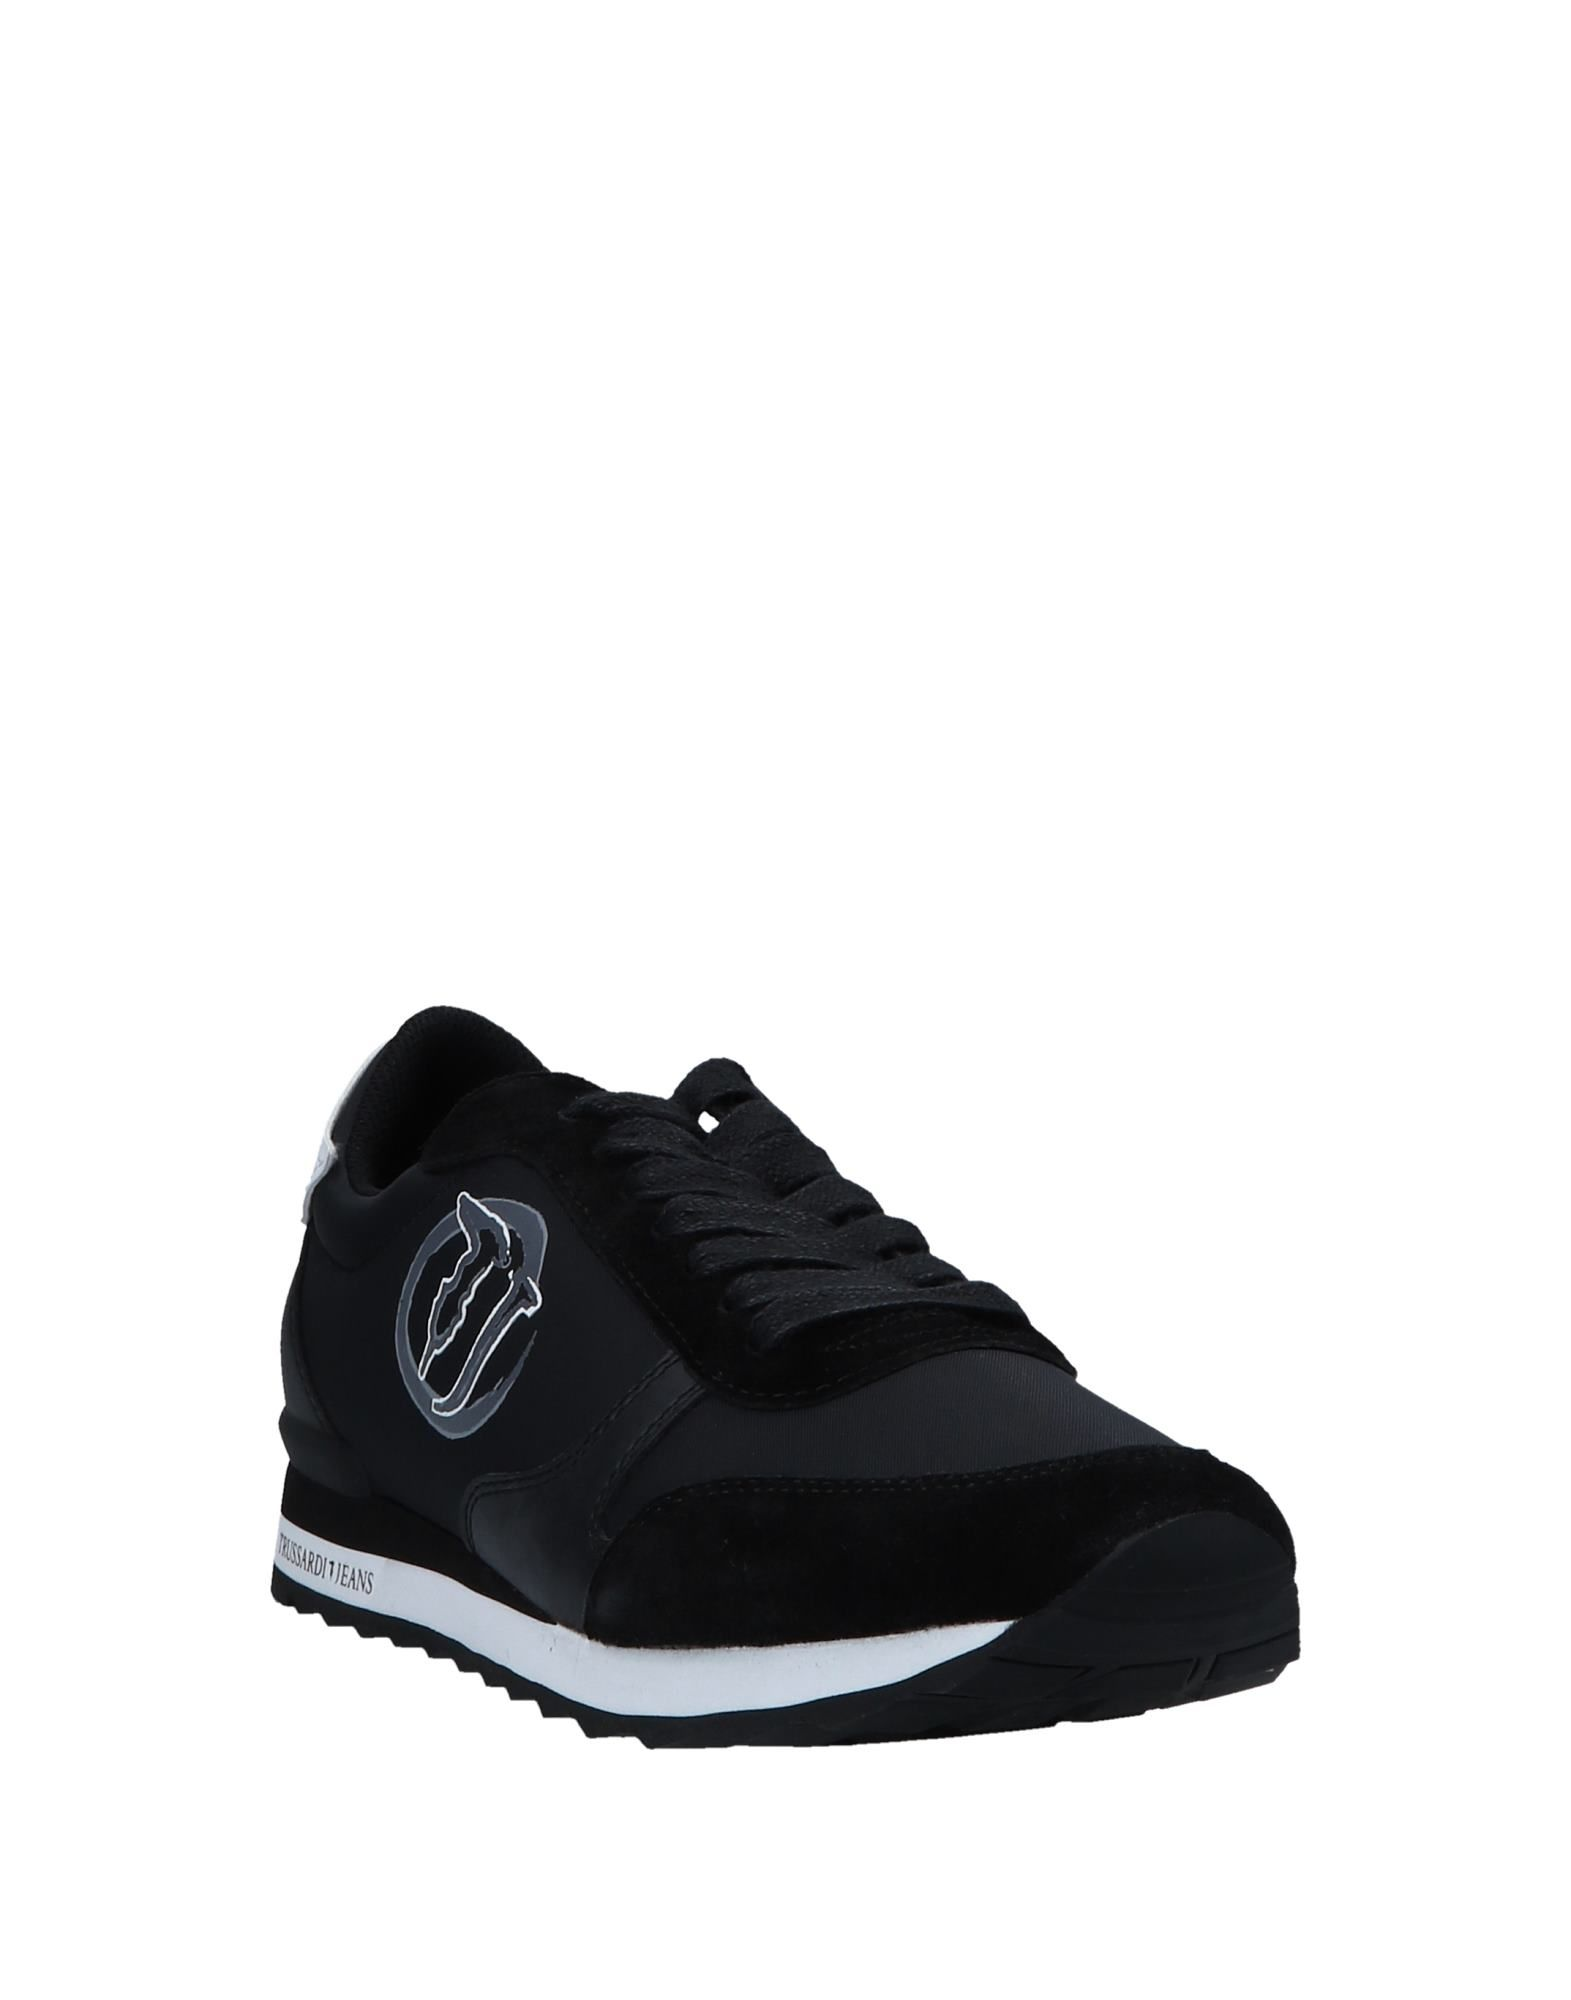 Rabatt echte Schuhe Trussardi Jeans Sneakers  Herren  Sneakers 11546047XS 5b7a01